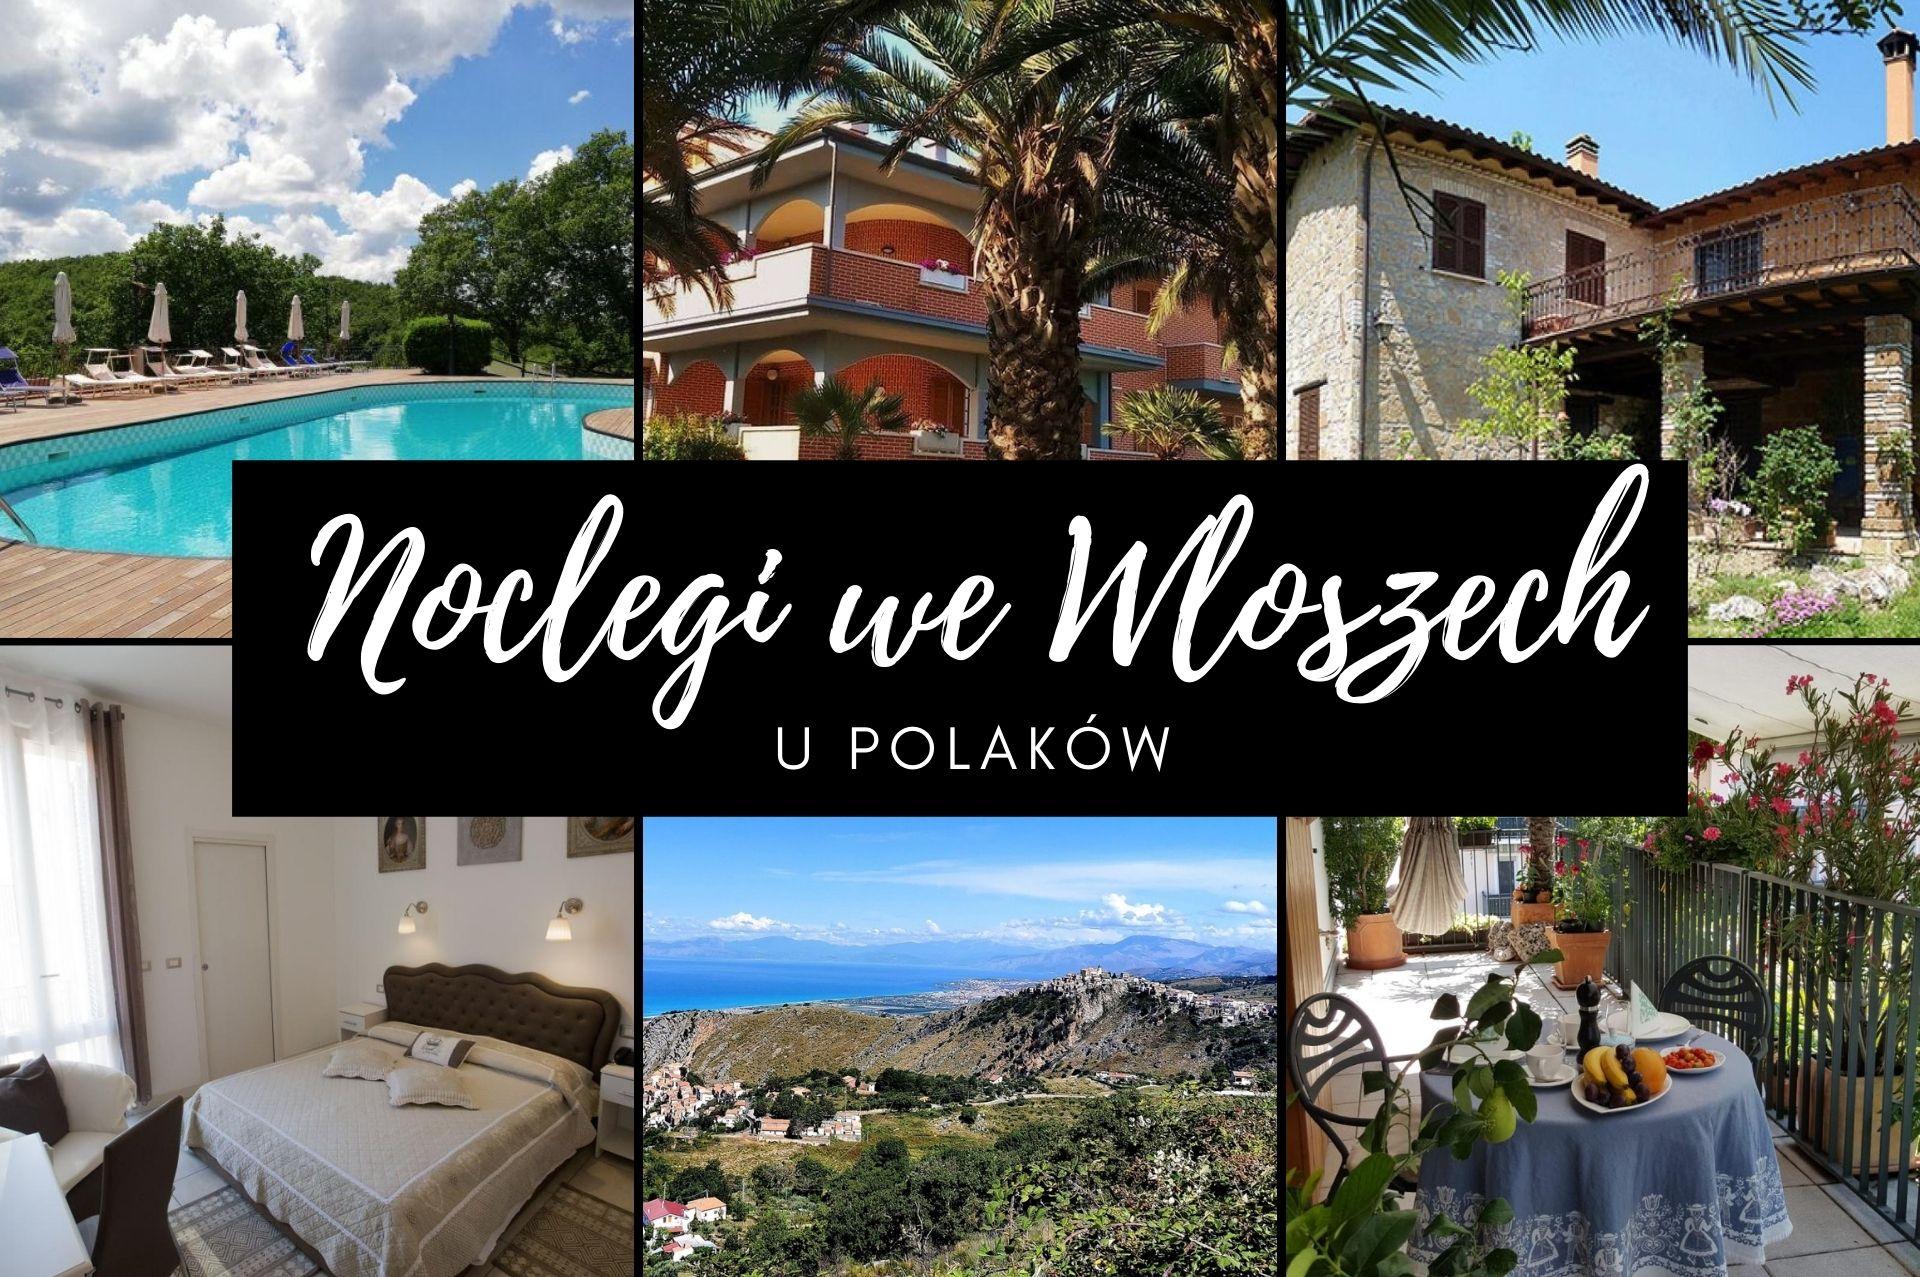 Noclegi we Włoszech u Polaków